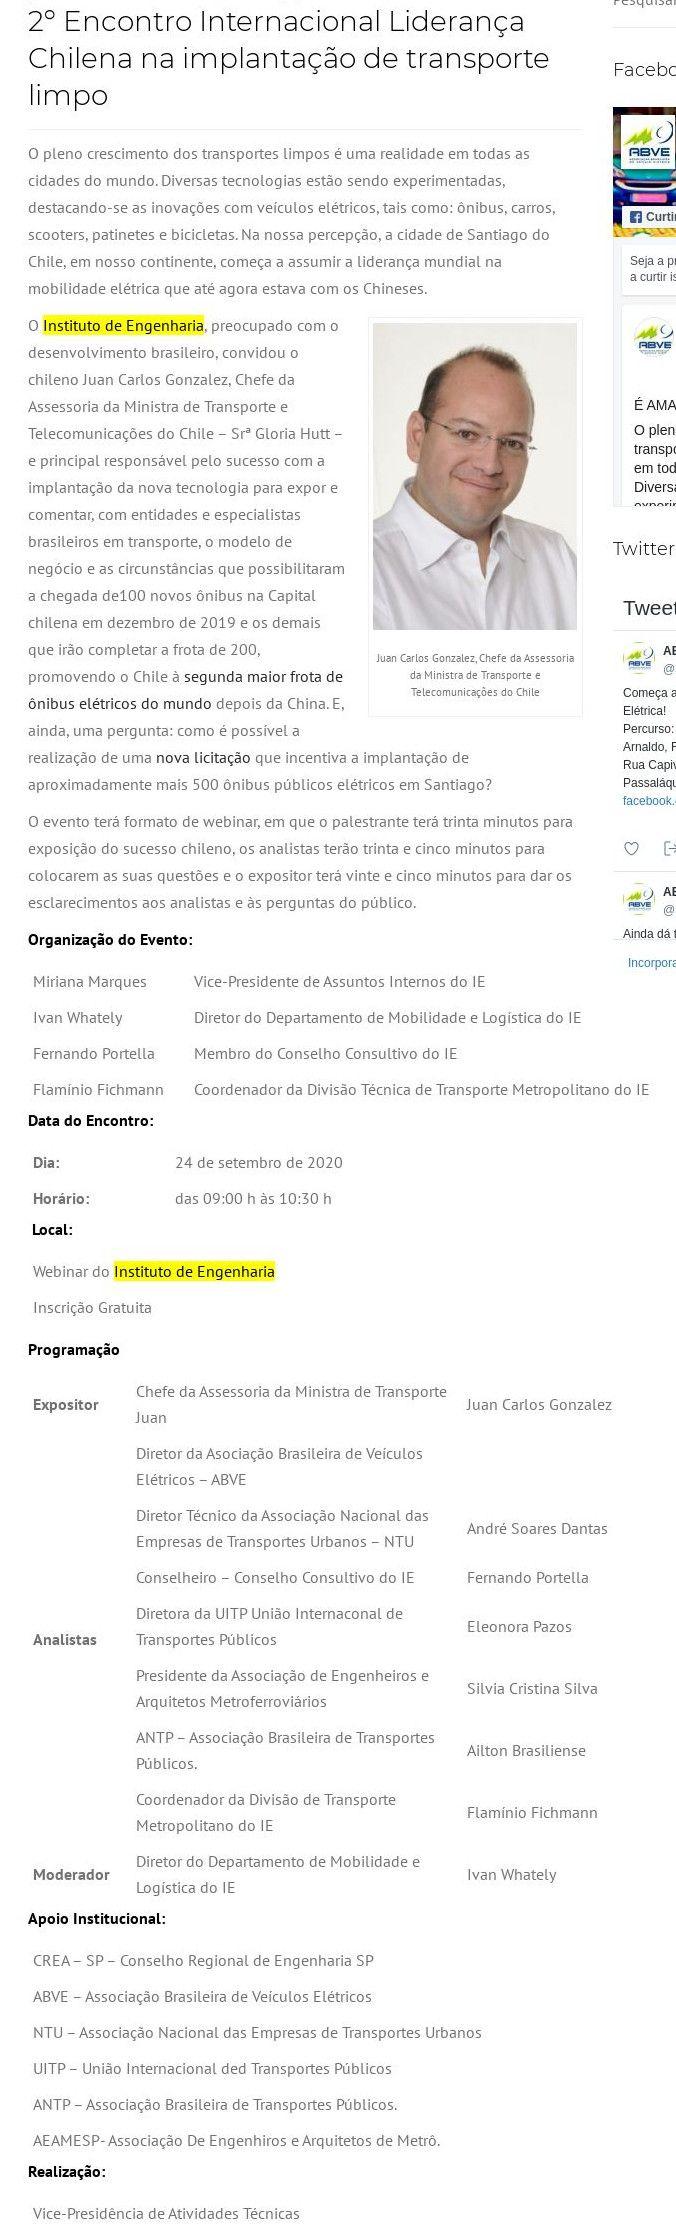 2° Encontro Internacional Liderança Chilena na implantação de transporte limpo - Abve